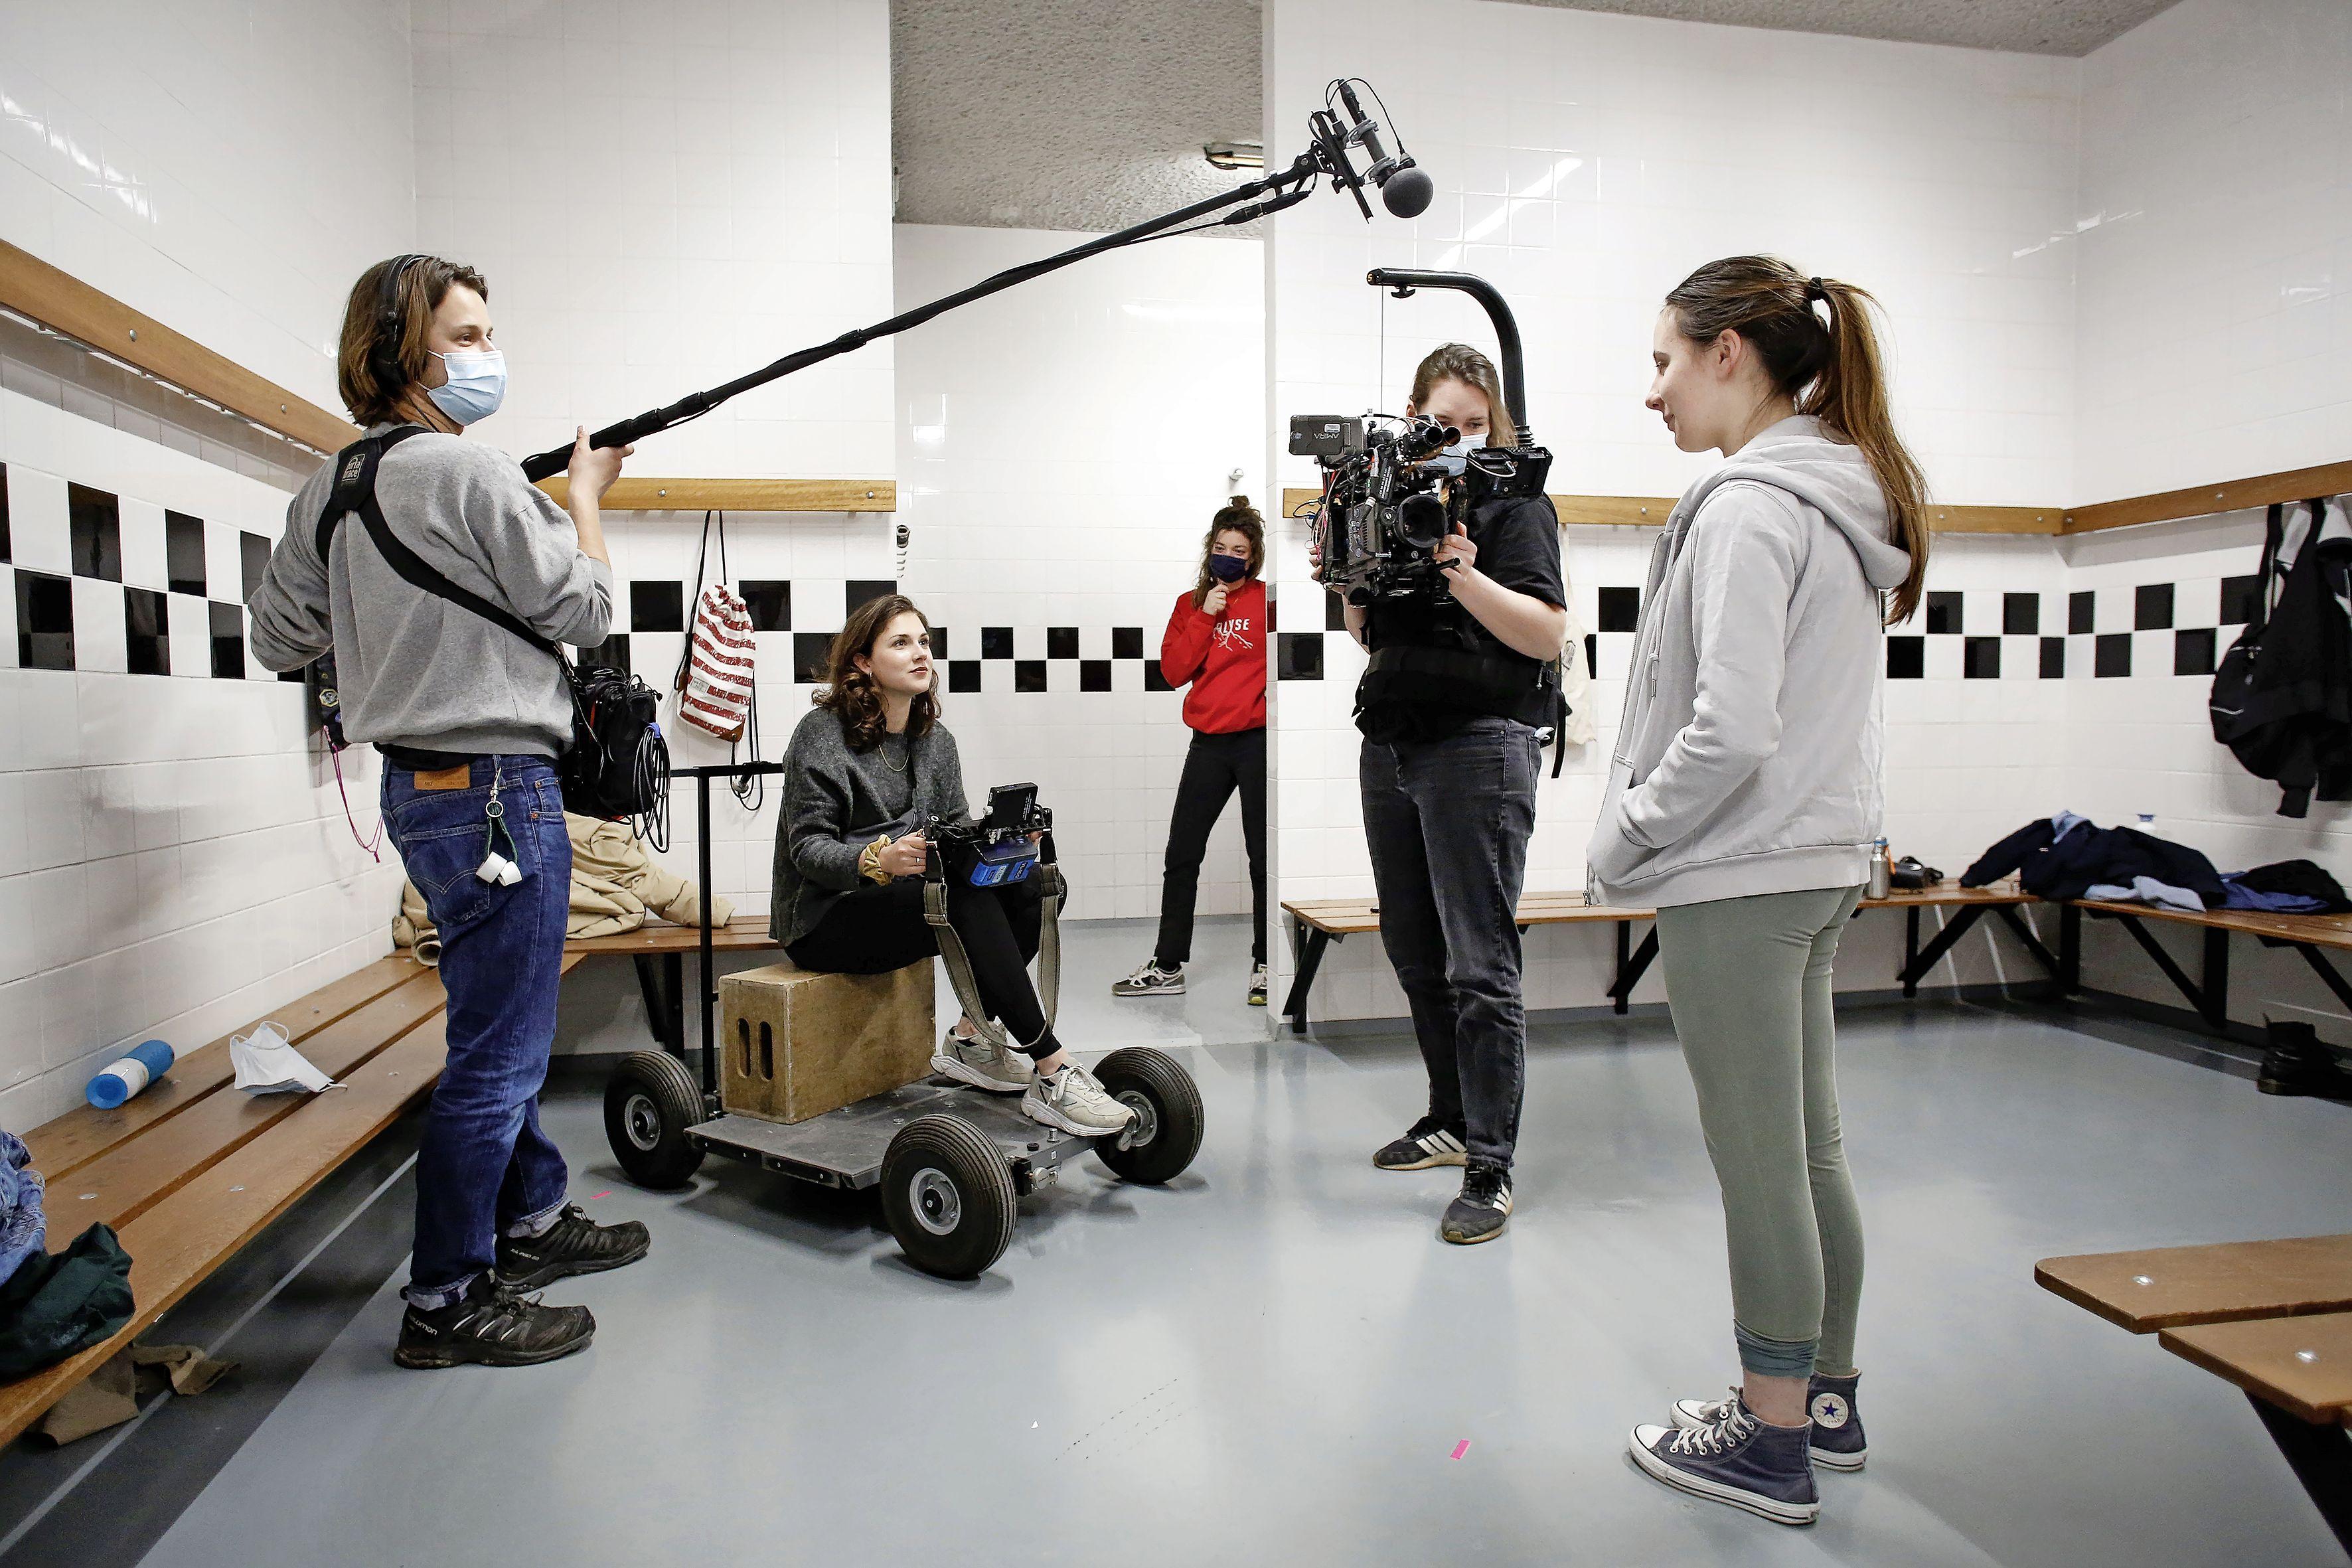 School Huizermaat decor van korte film 'Vlekkeloos' met serieus onderwerp: geen geld om tampons of maandverband te kopen. En ja, dat komt ook in Nederland voor